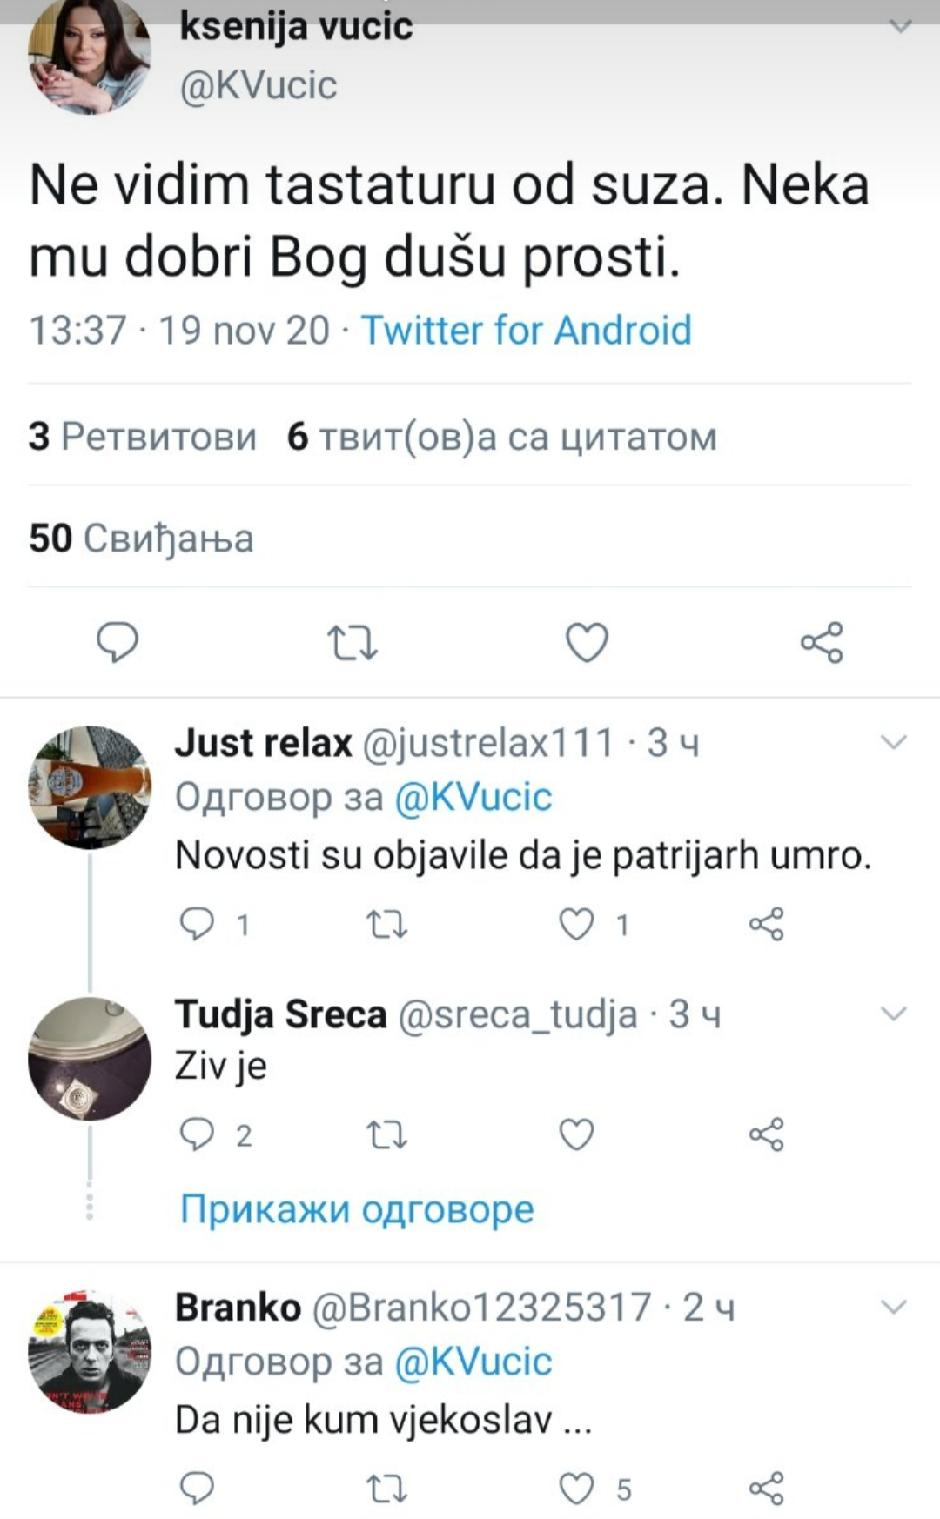 Tvit Ksenije Vučić u 13.37 časova